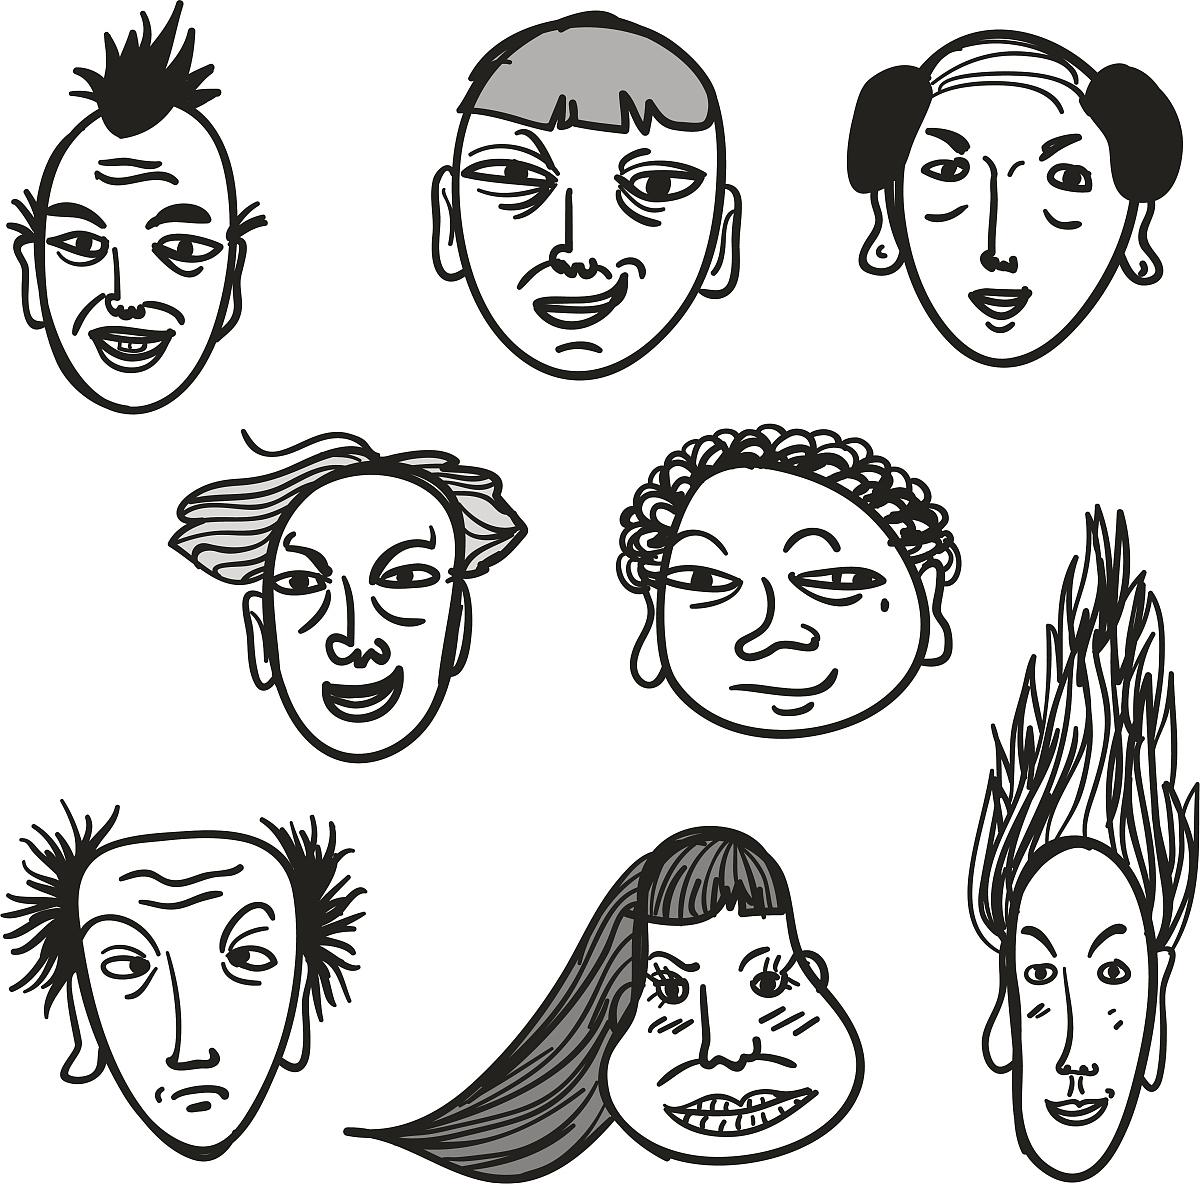 黑白相间的人脸图片